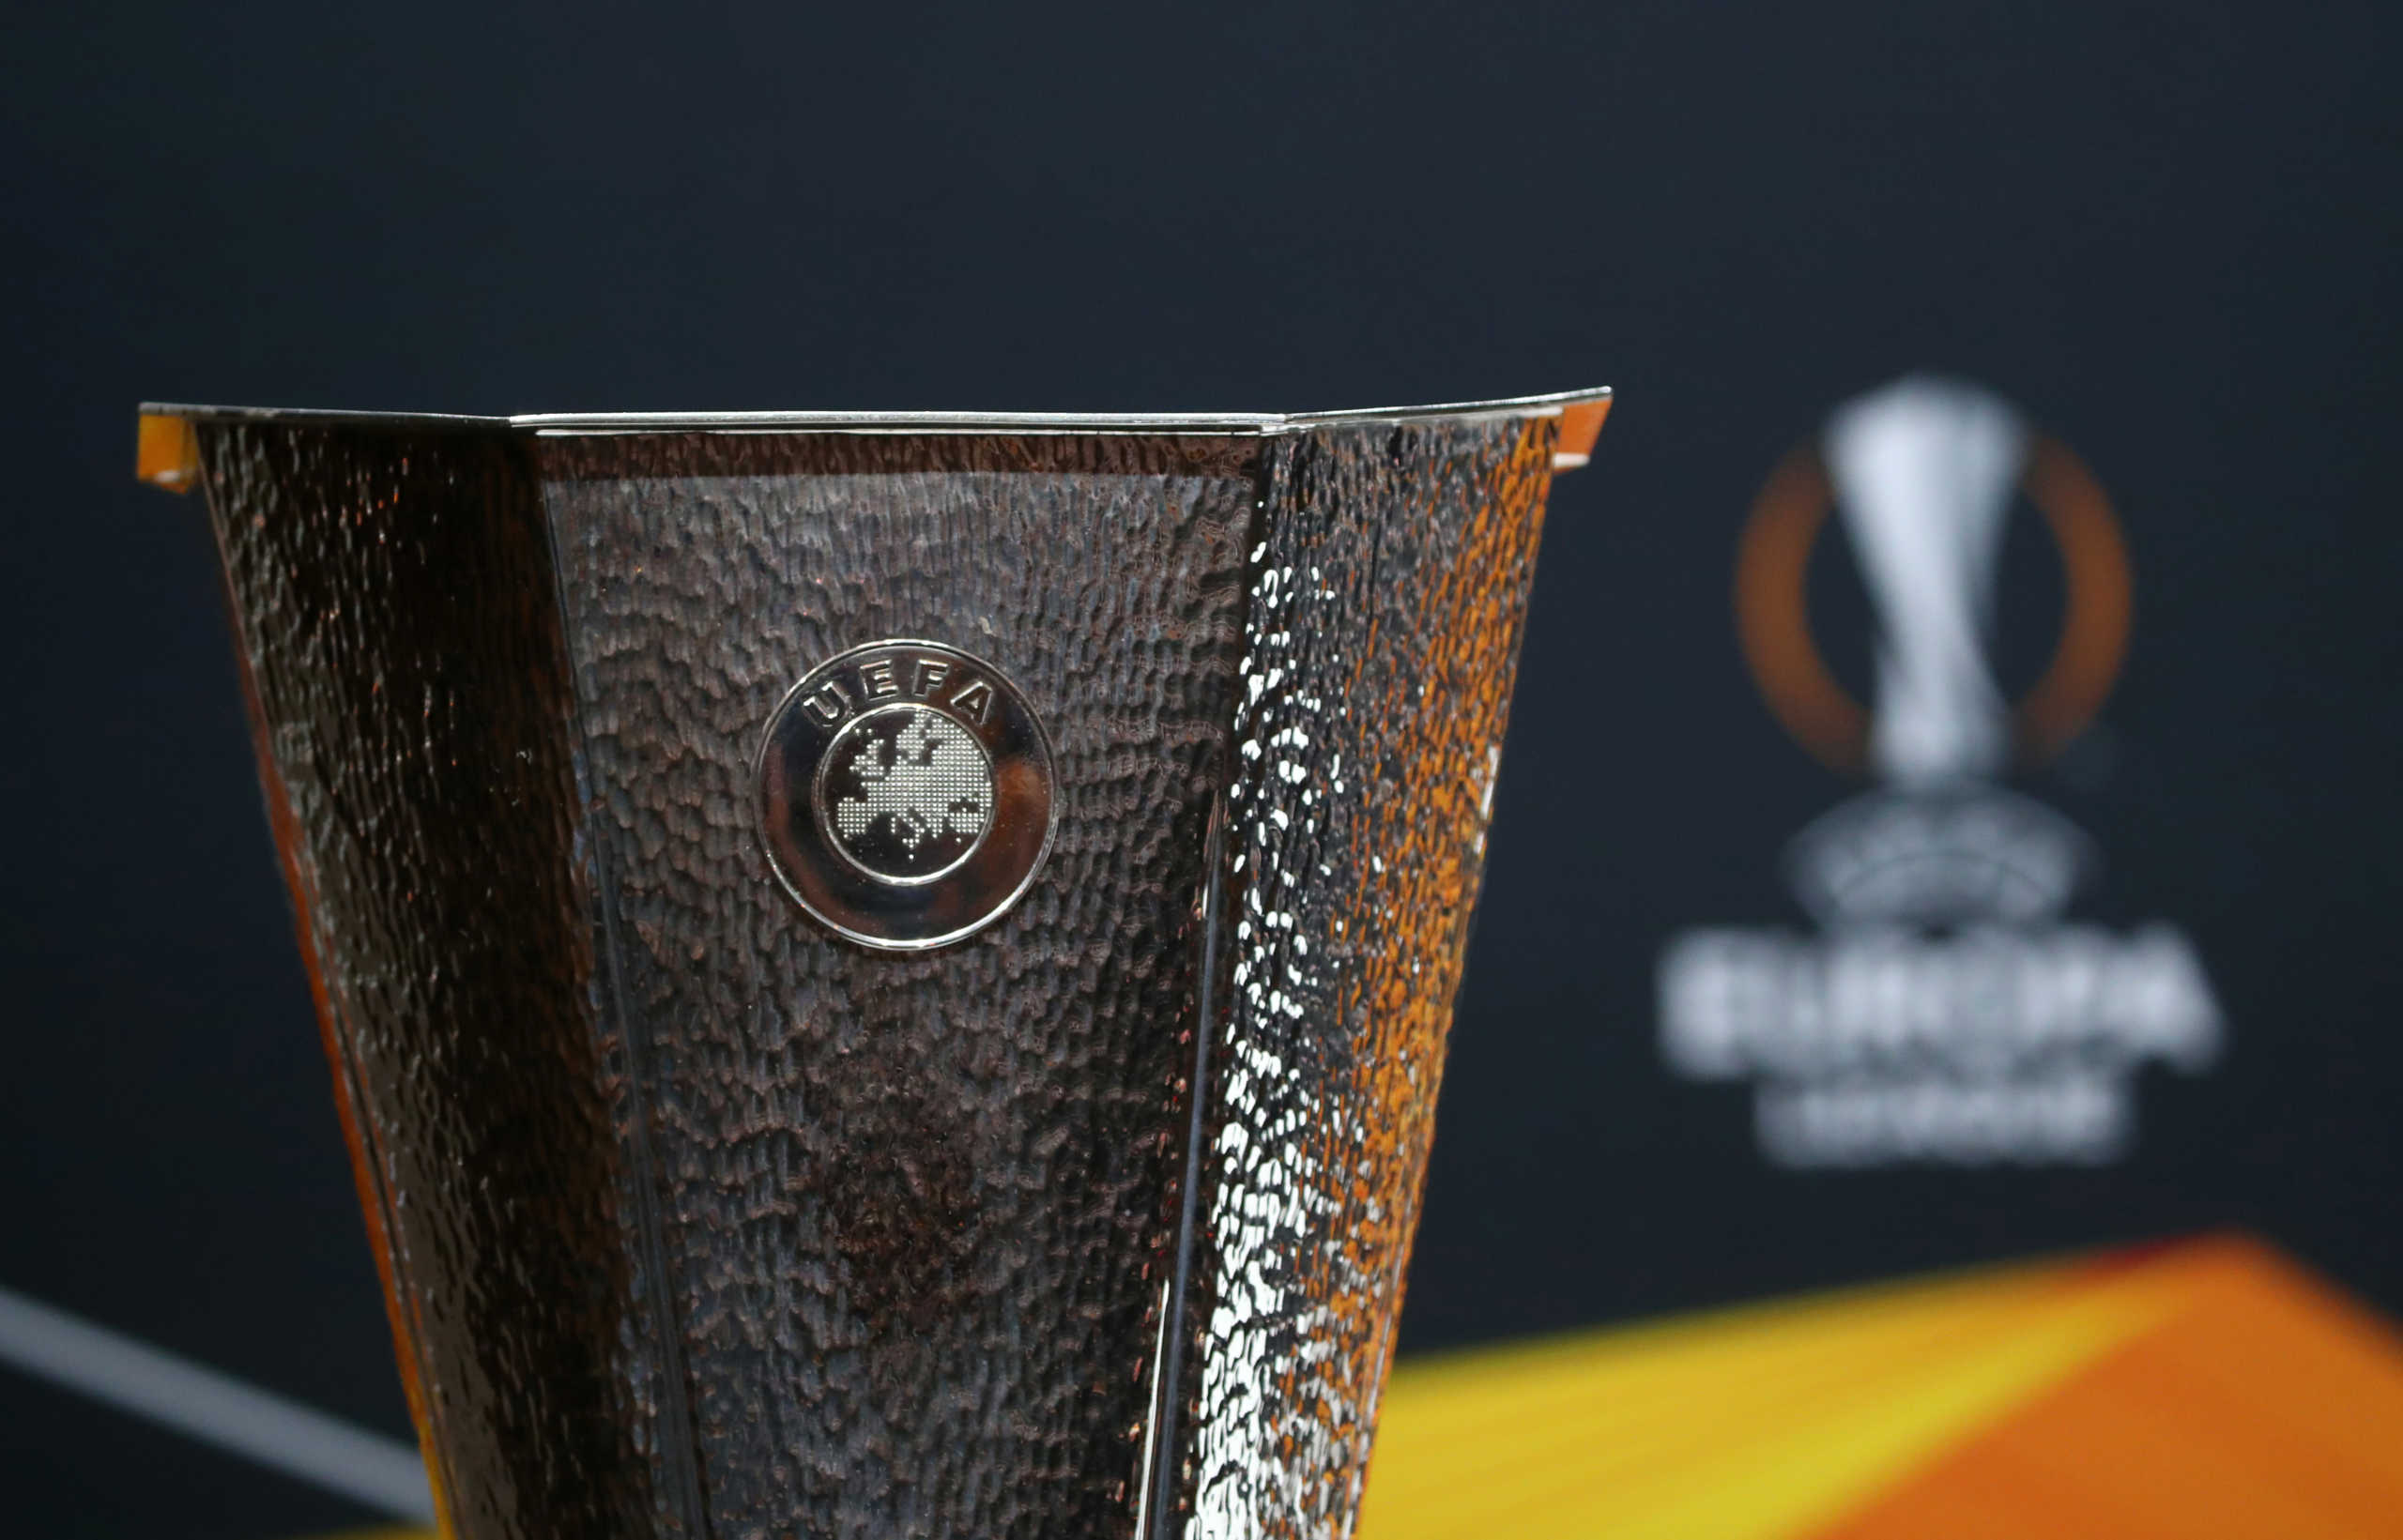 Ξεκινάει το Europa League: Το πρόγραμμα των αγώνων – Πότε παίζει ο Ολυμπιακός